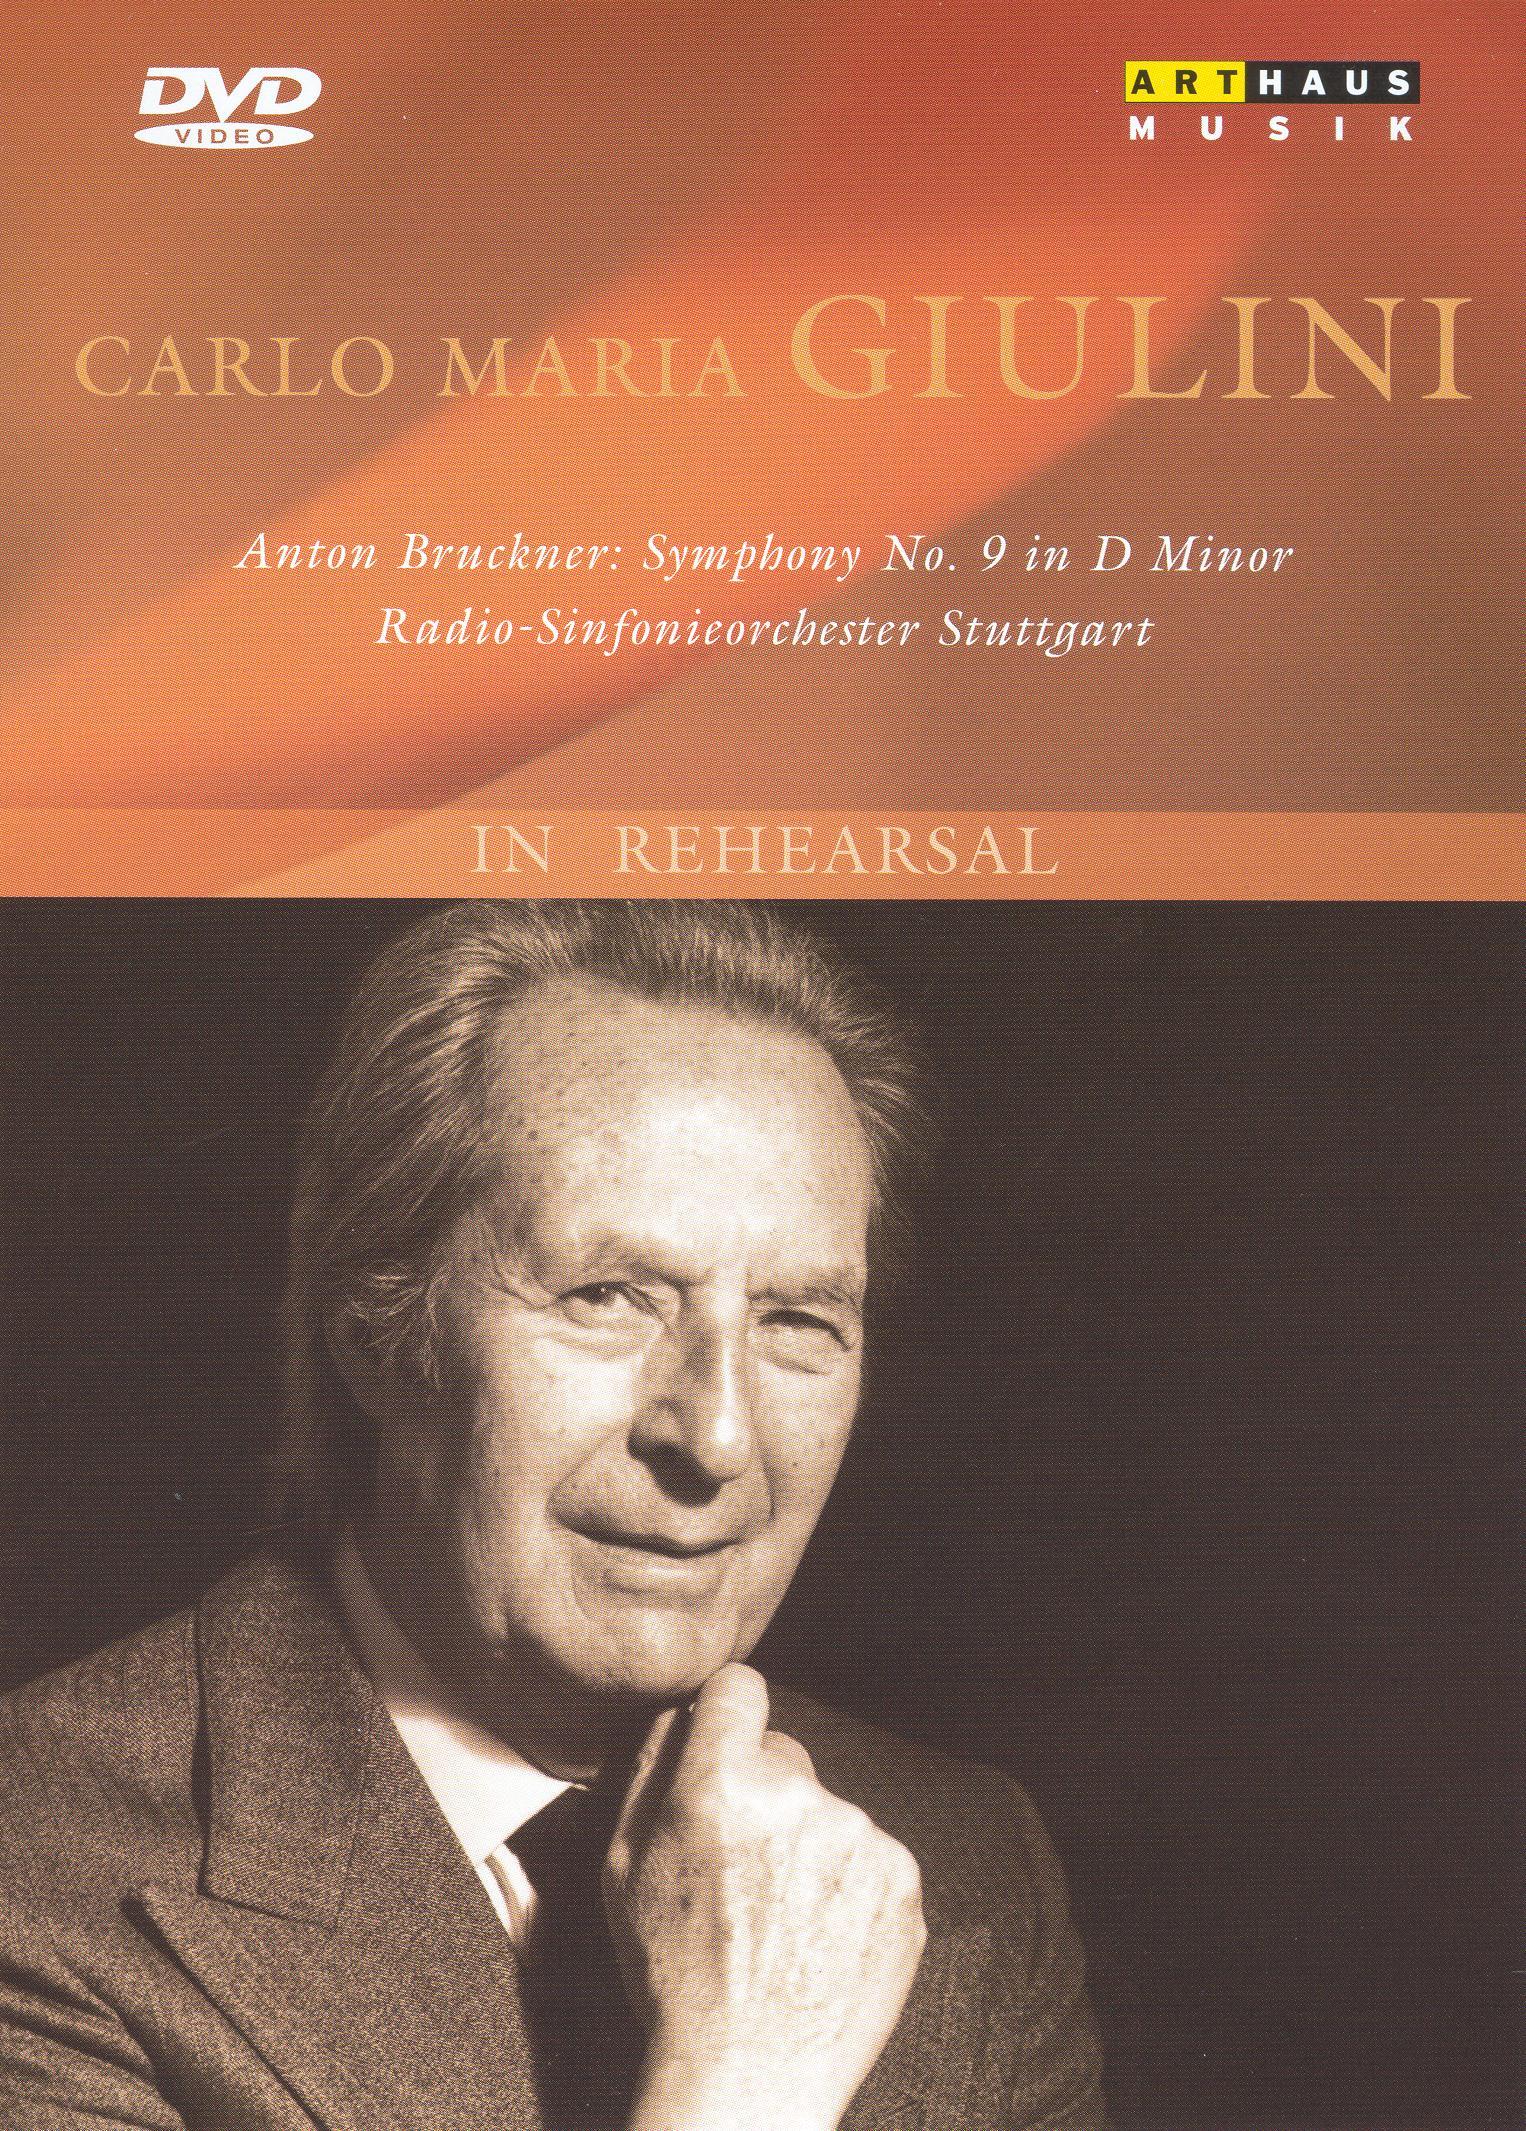 Carlo Maria Giulini: In Rehearsal